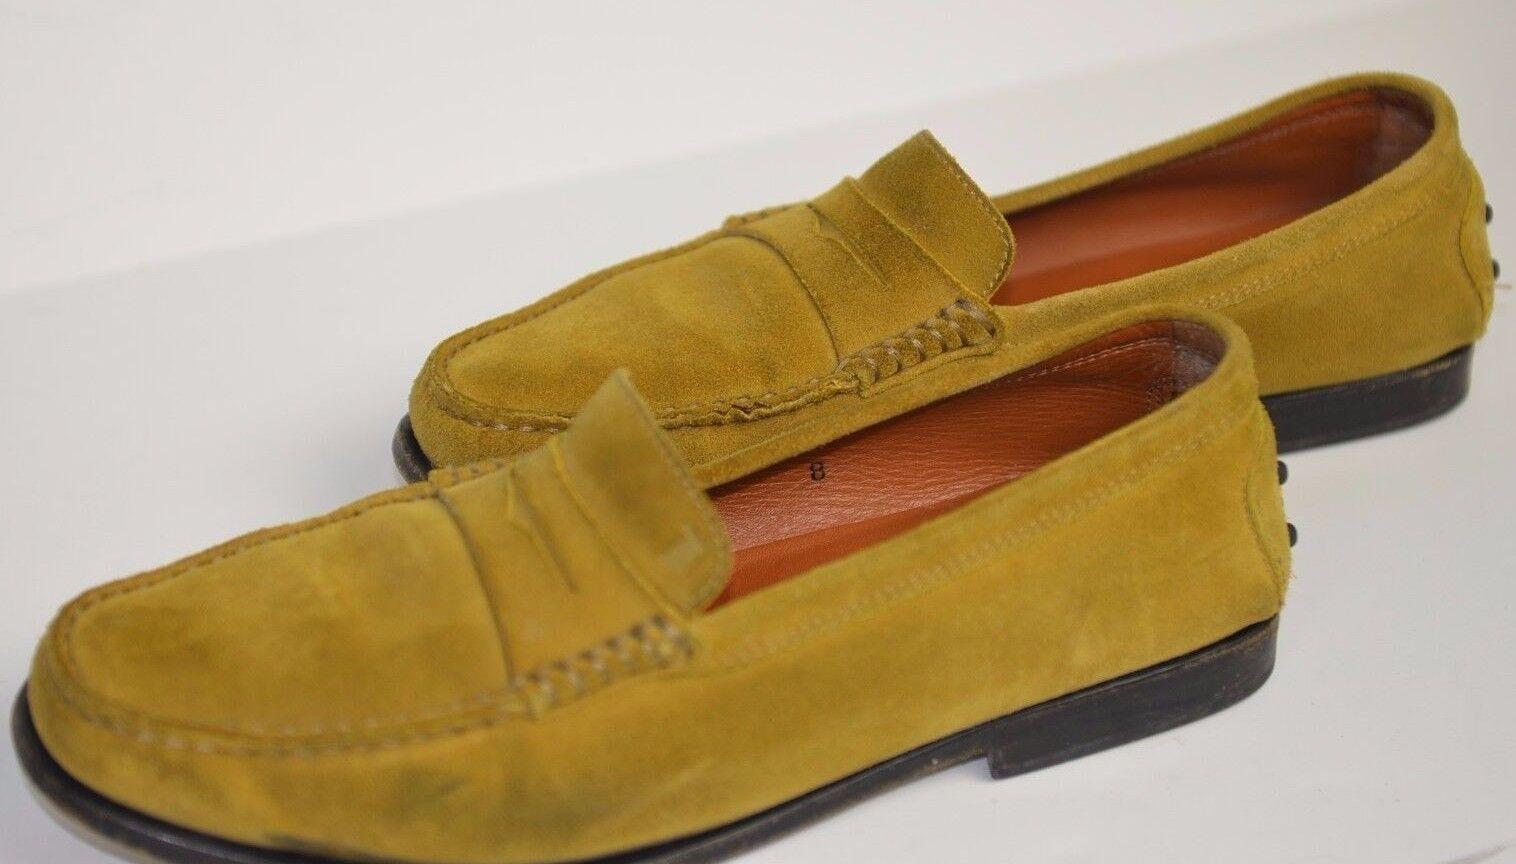 Tod'S Mujer Slip On verde verde verde Suede Slip On Zapatos Carrera Talla 8 Italia tamaño cómodo  Nuevos productos de artículos novedosos.